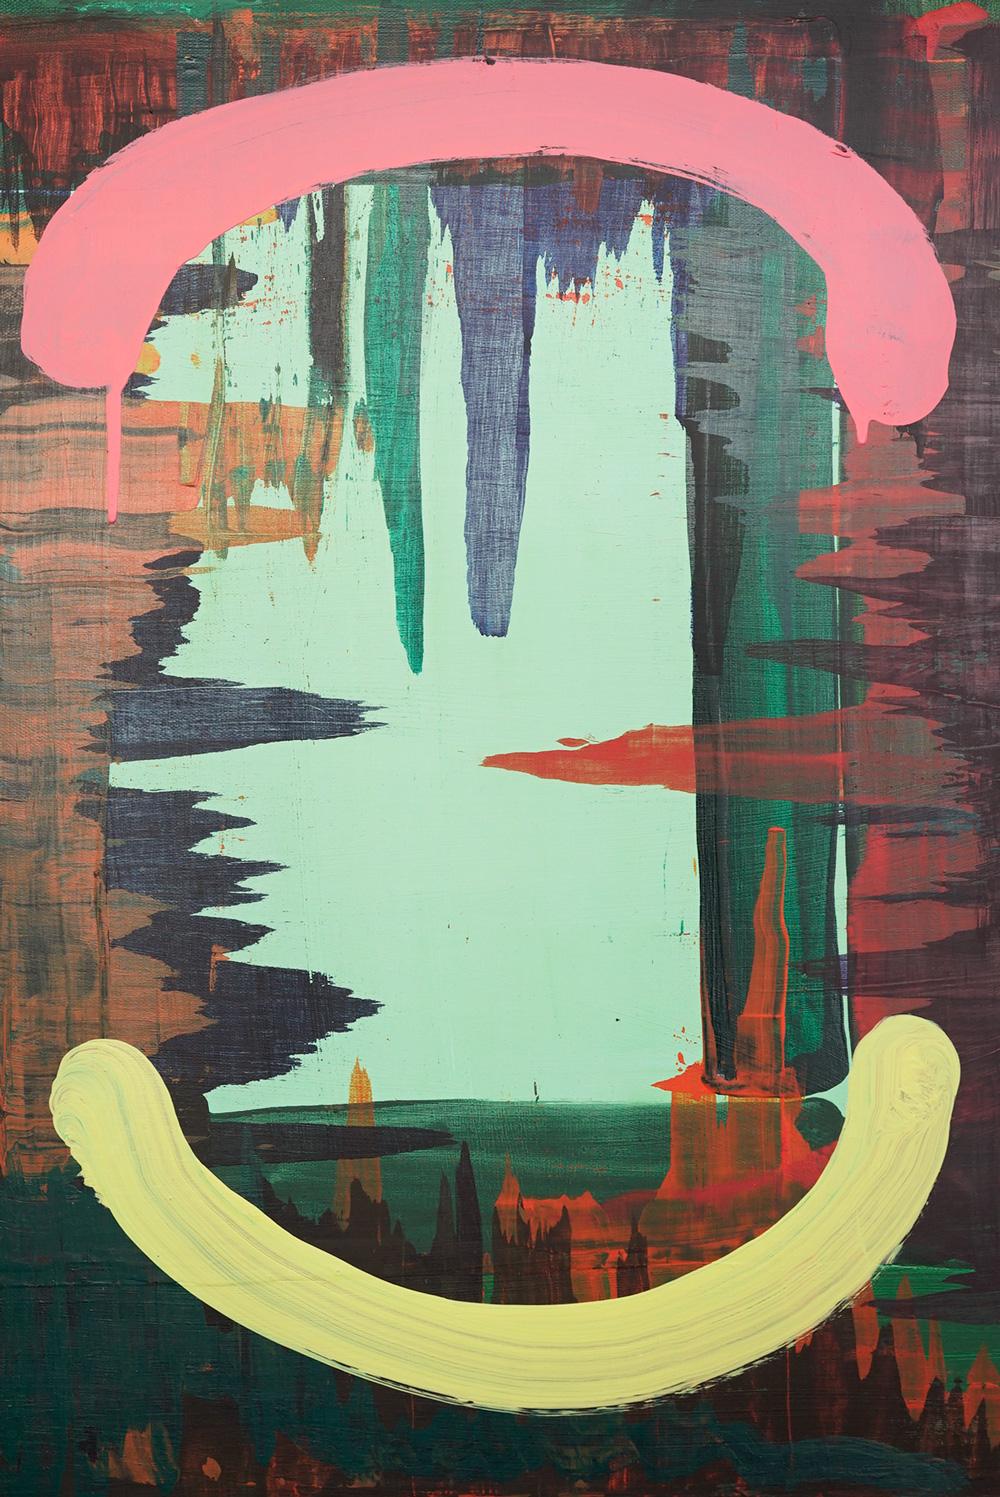 Scott Hewicker, Doorway In The Dark, 2015